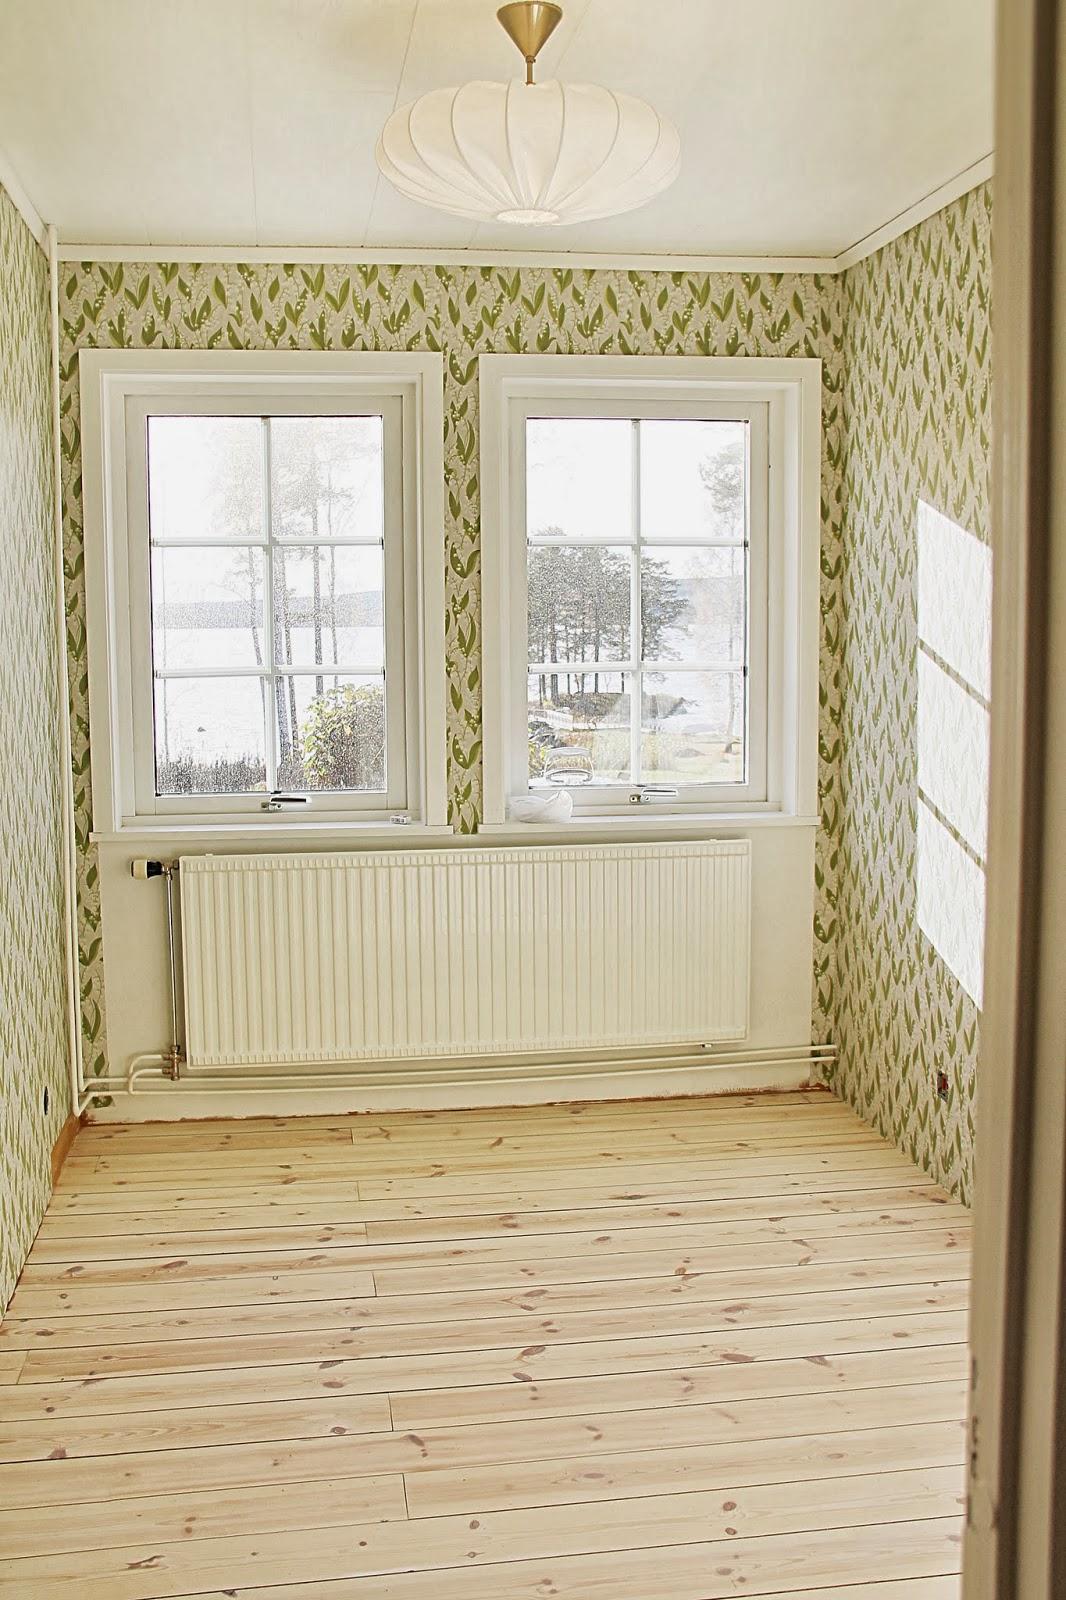 A House With A View: SANDBERG TAPET LILJEKONVALJ & TAKLAMPA TILL ...